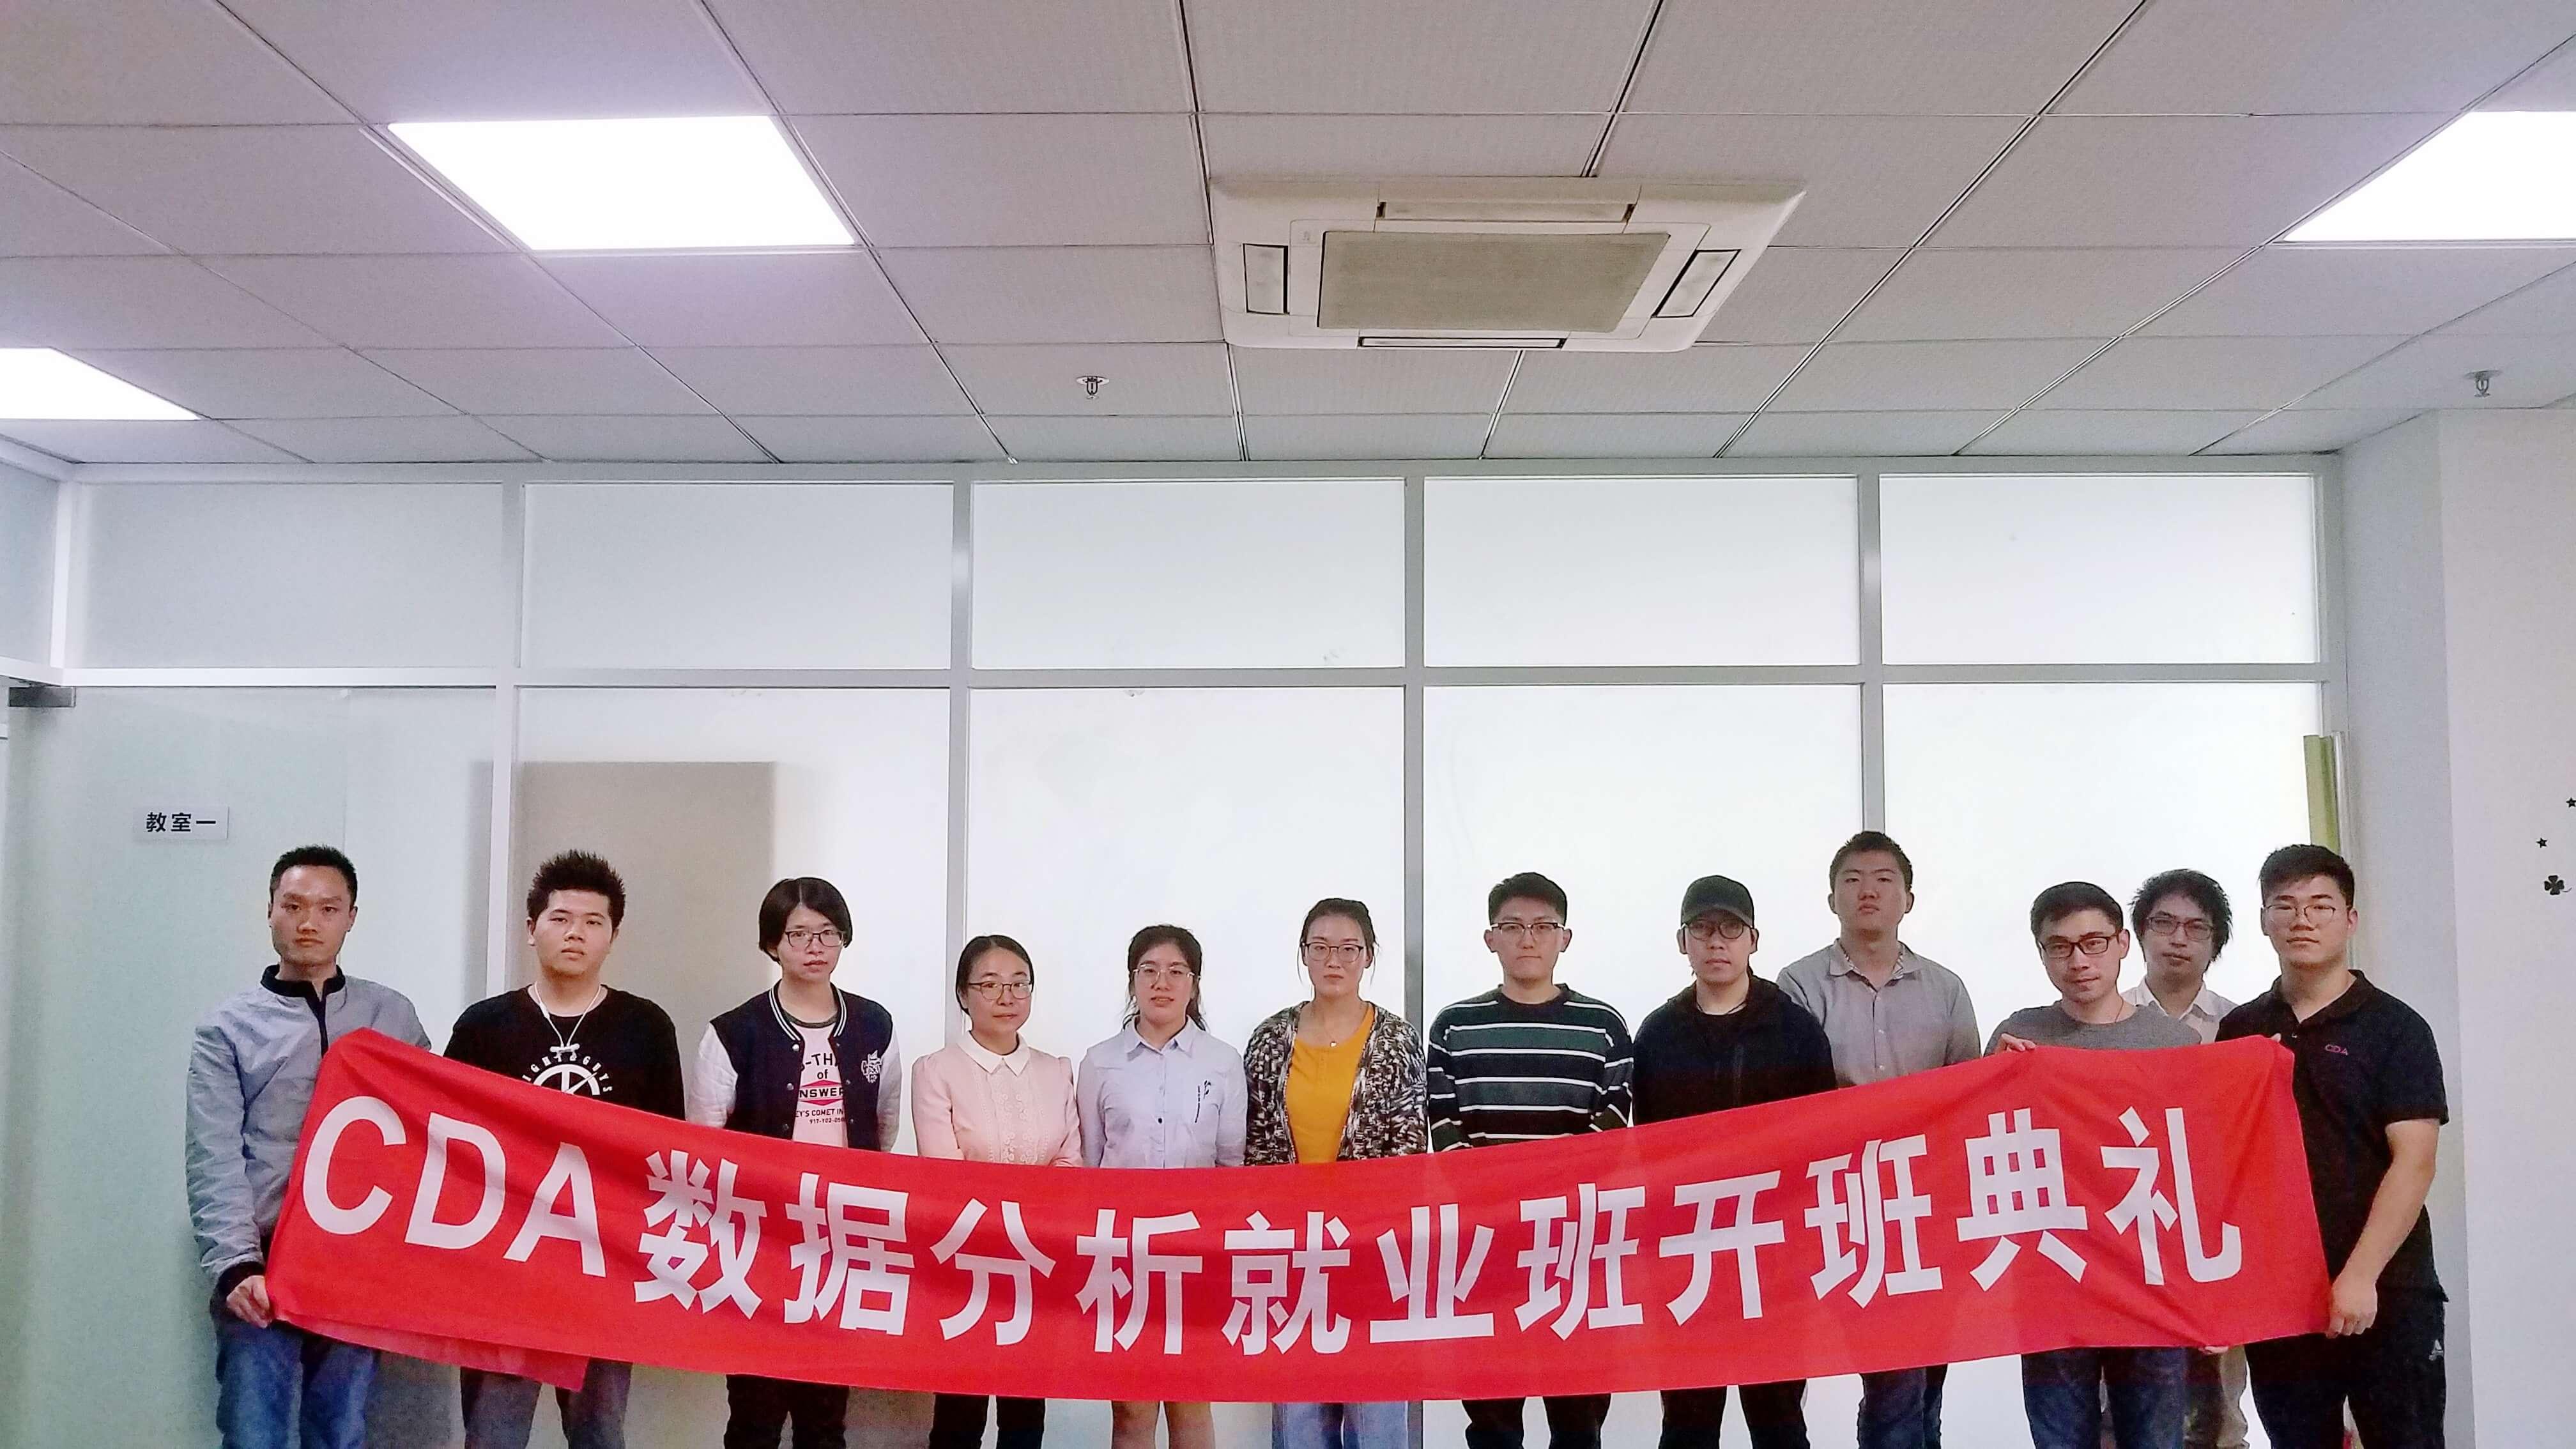 上海|CDA 数据分析就业班20191103期开班典礼!